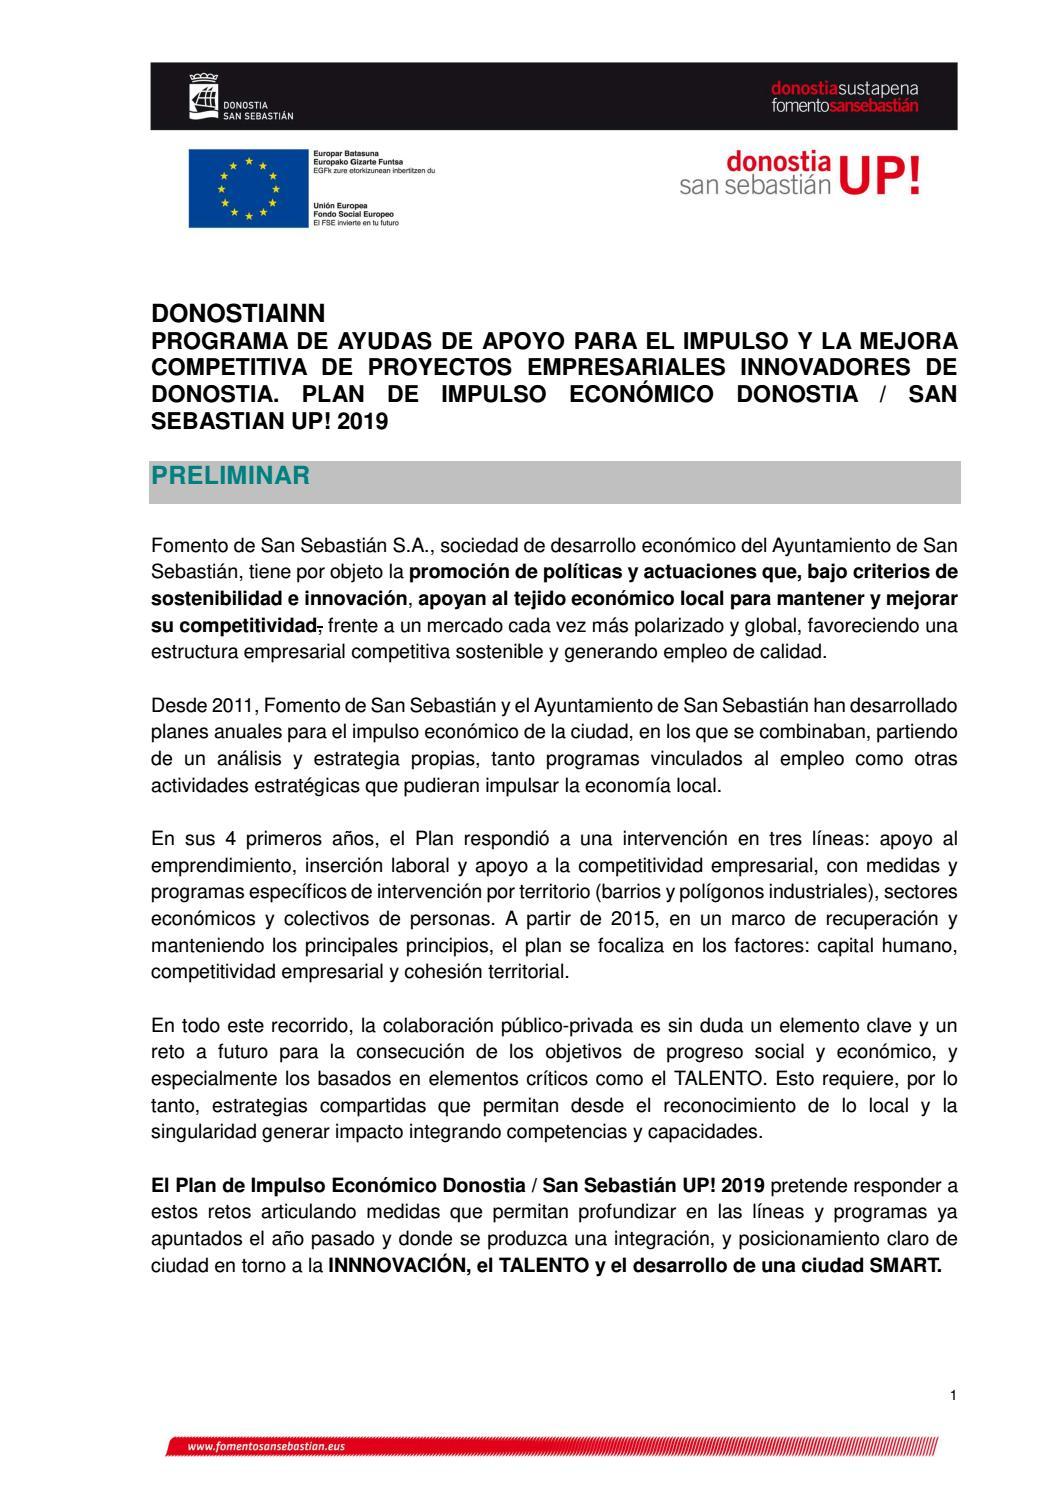 Calendario Laboral Donostia 2019.Bases Donostiainn Ayudas Fomento San Sebastian 2019 Plan De Impulso